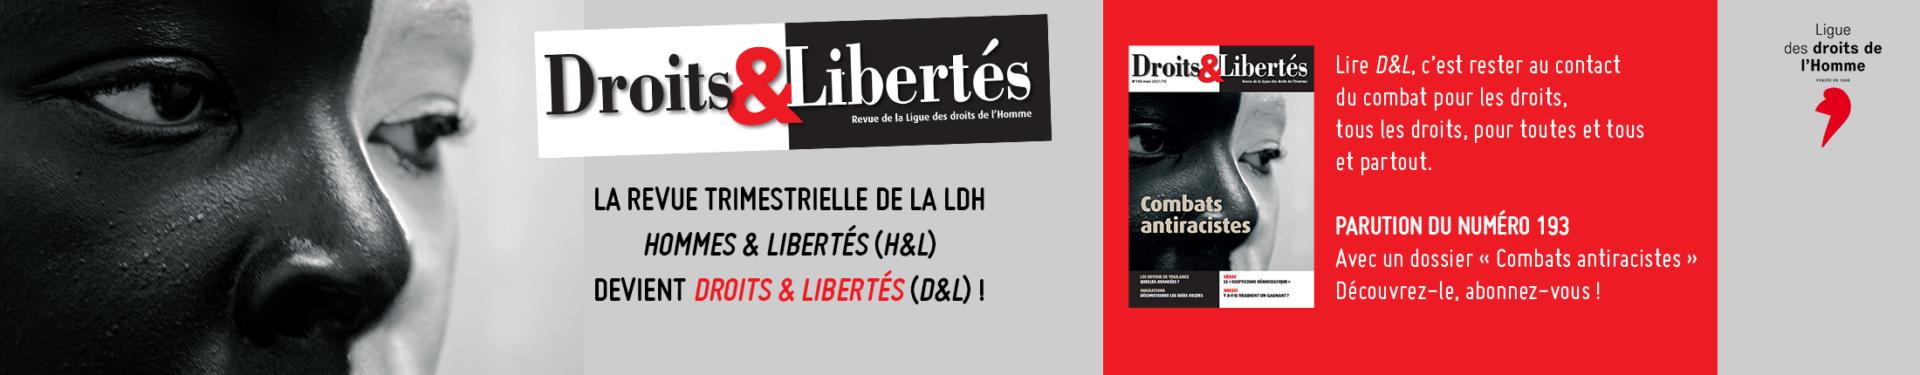 Droits & Libertés